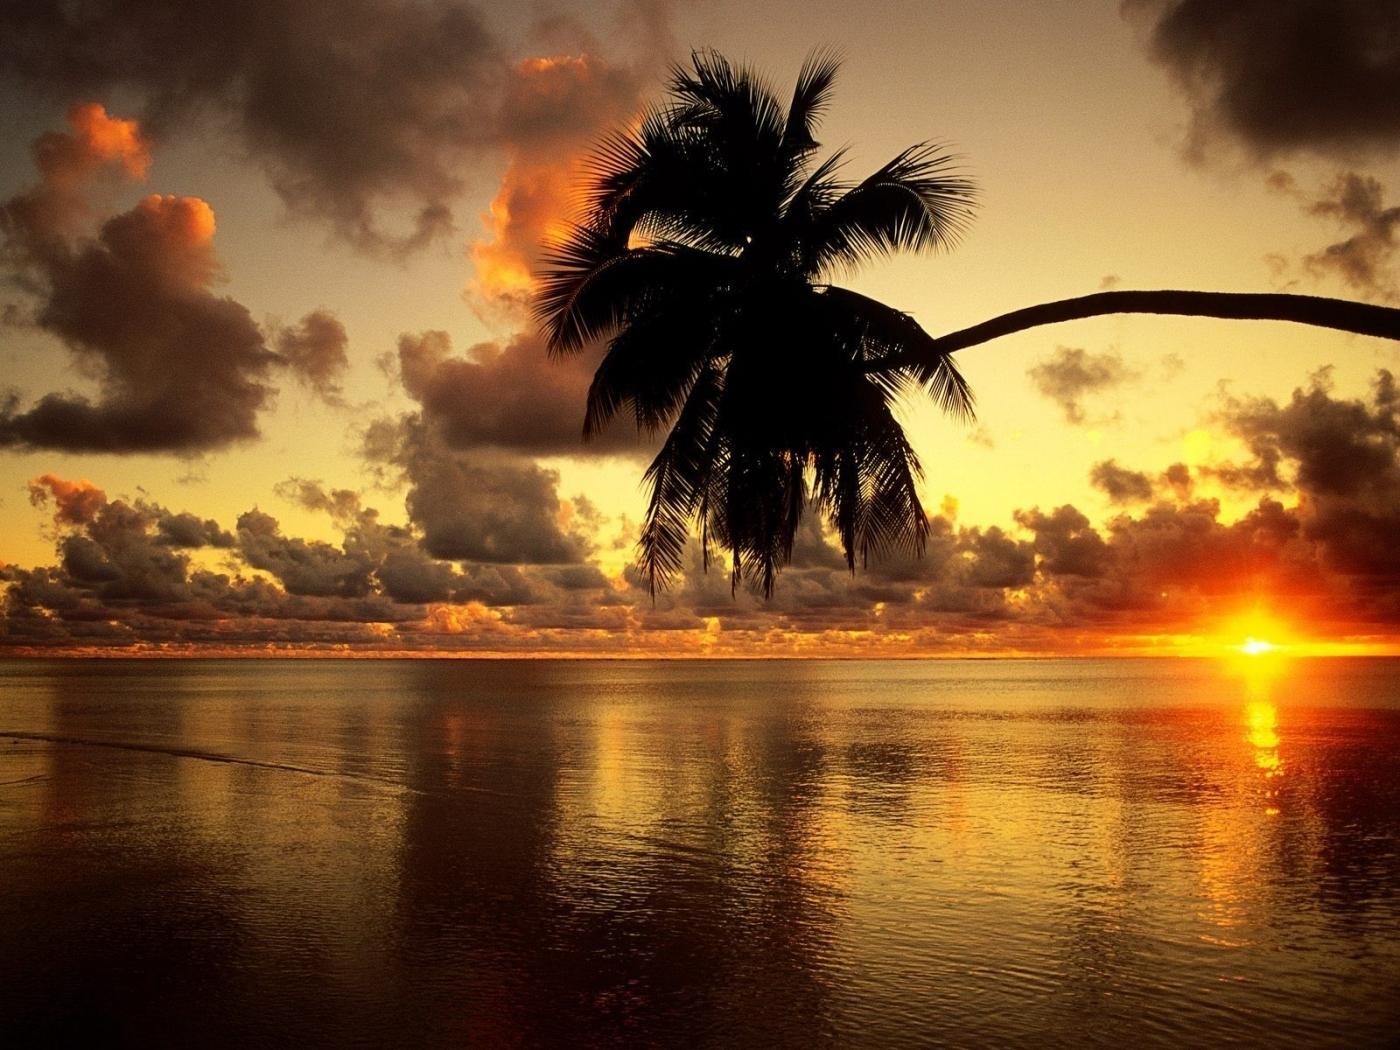 23553 скачать обои Пейзаж, Закат, Море, Пальмы - заставки и картинки бесплатно